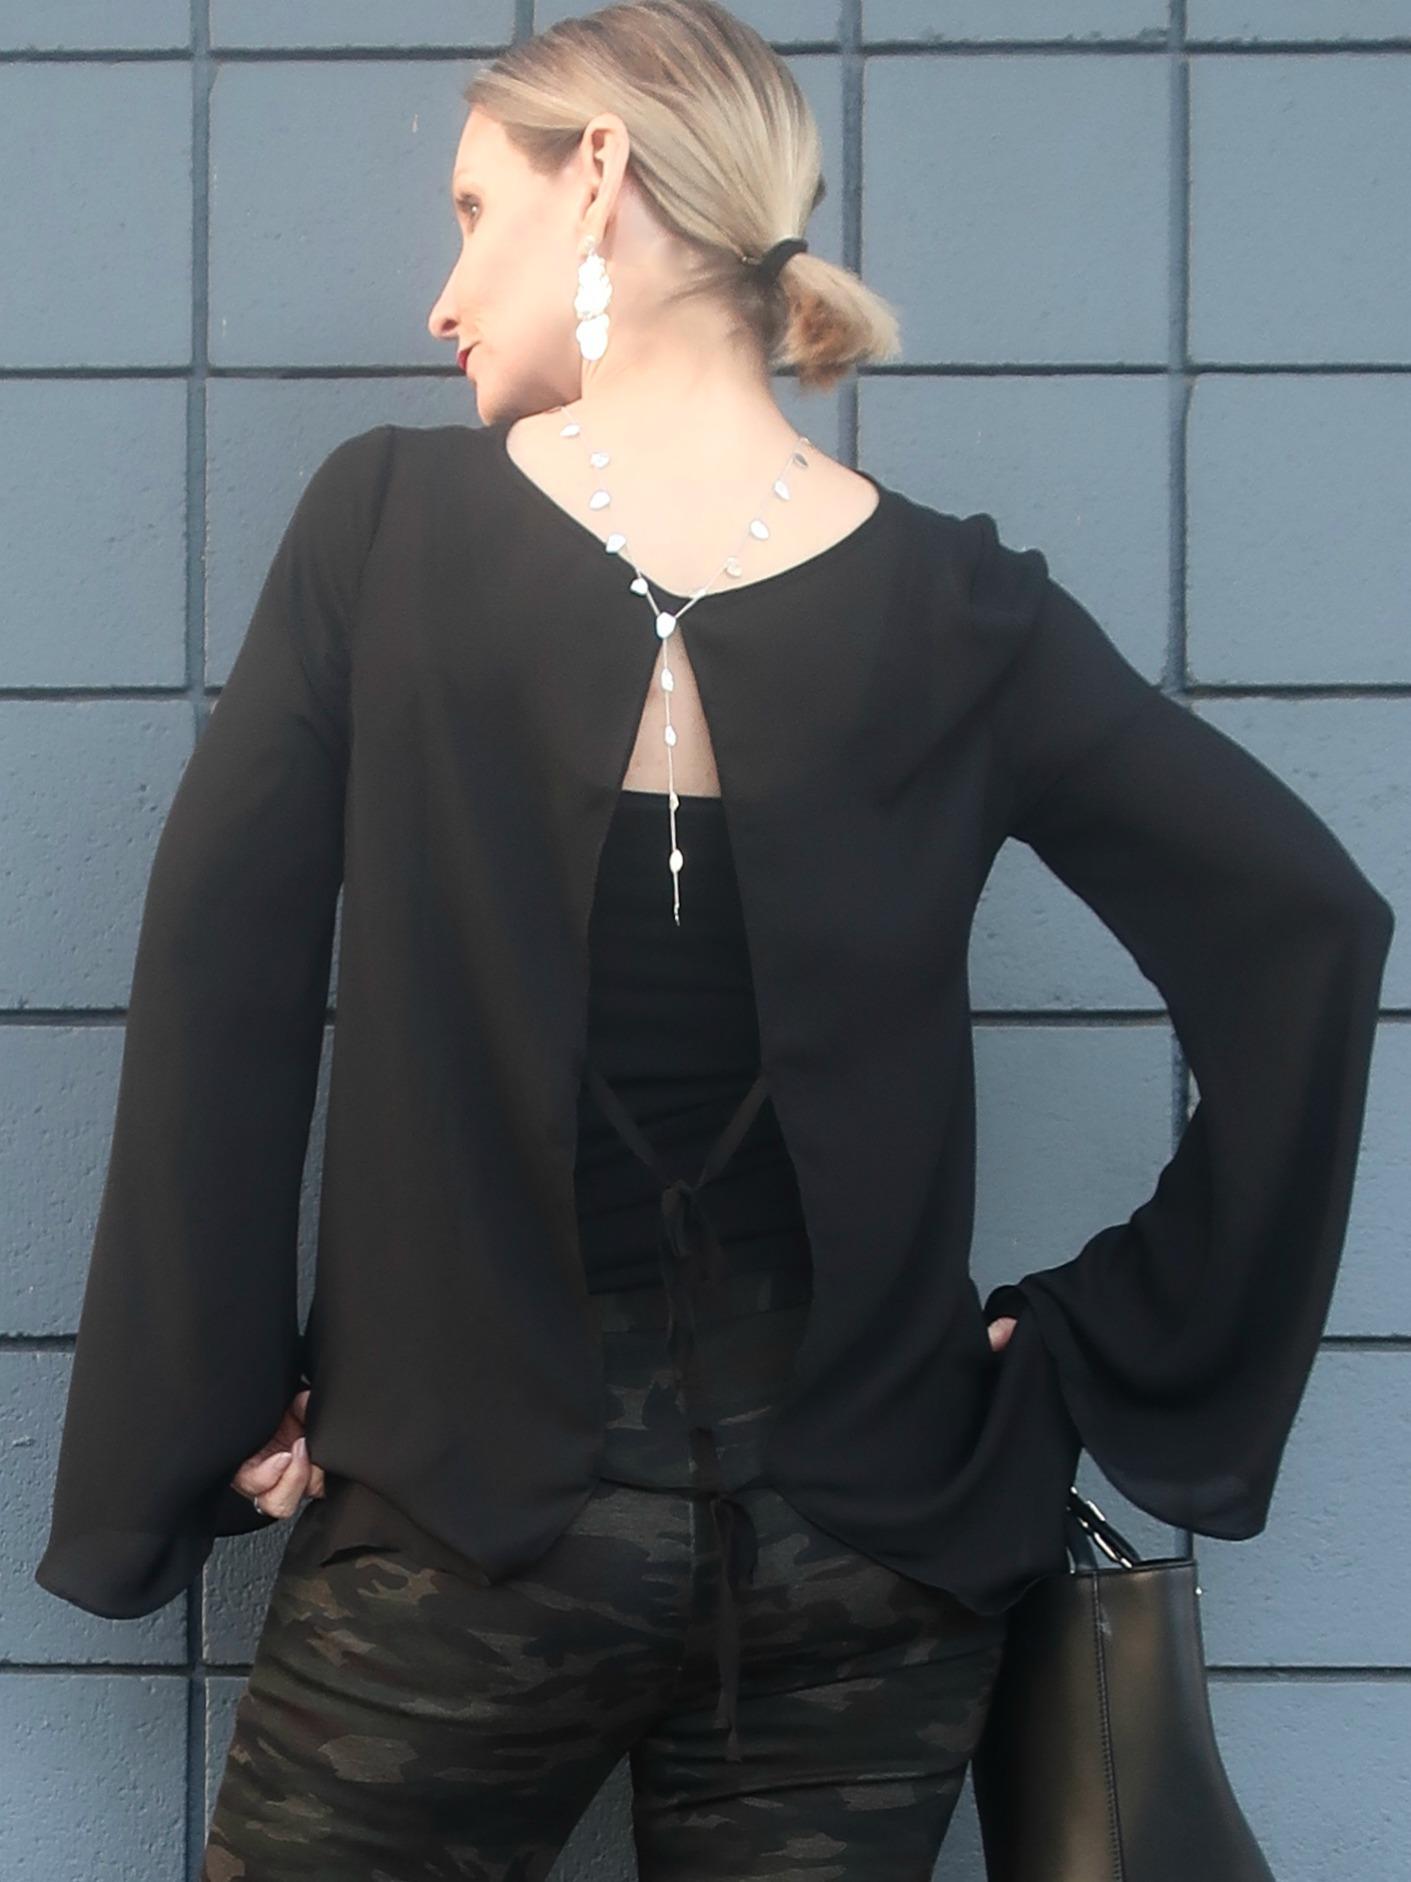 Iwona necklace